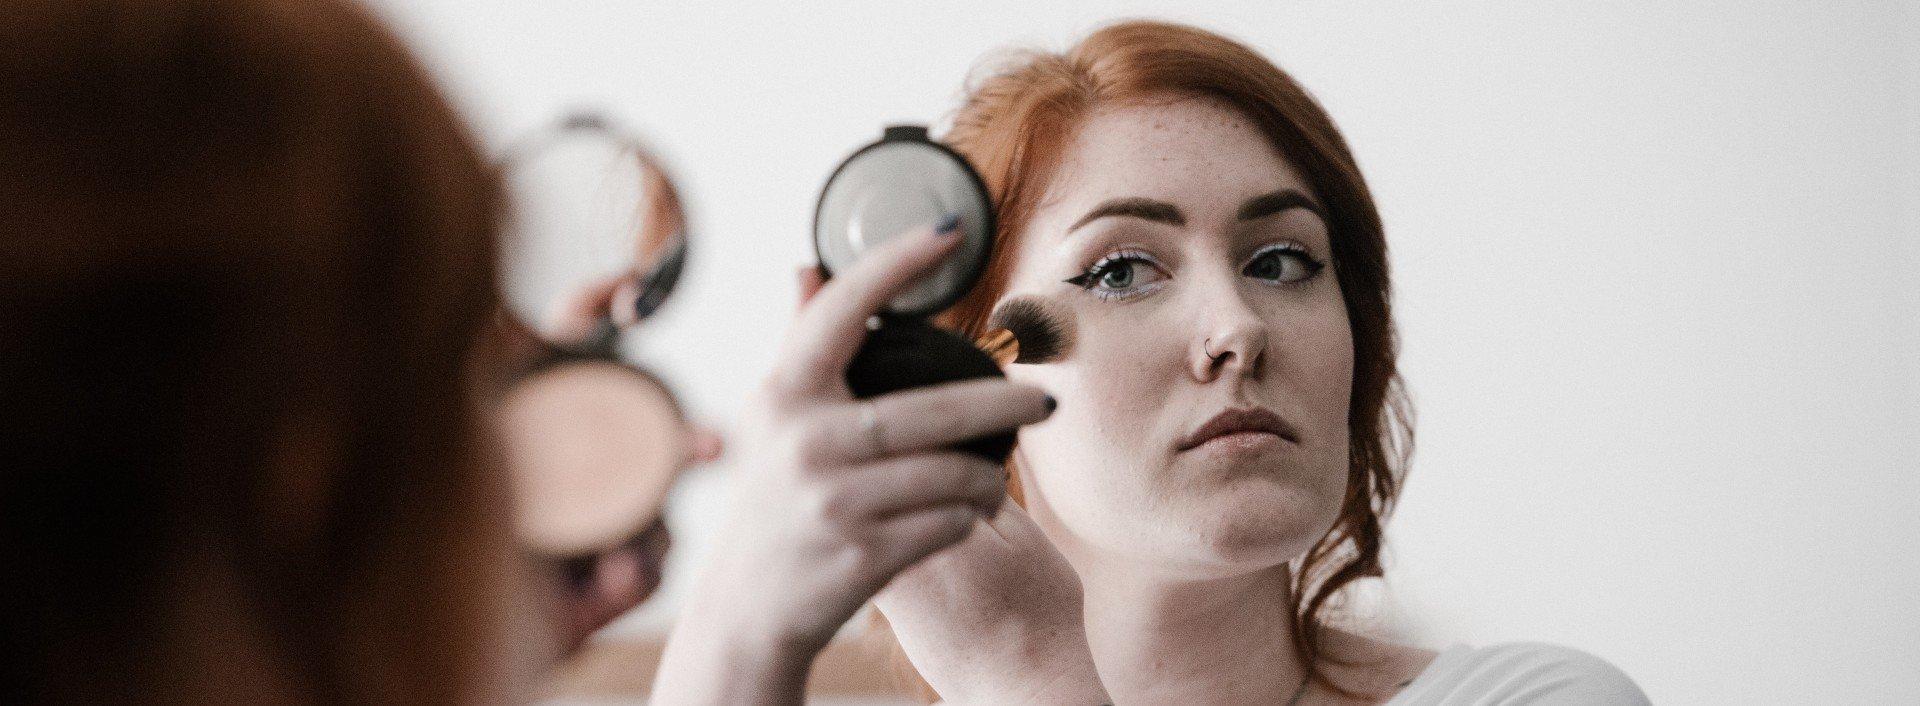 Make-up-Vokabular: Eine Frau trägt Make-up auf, während sie in einen Handspiegel schaut.